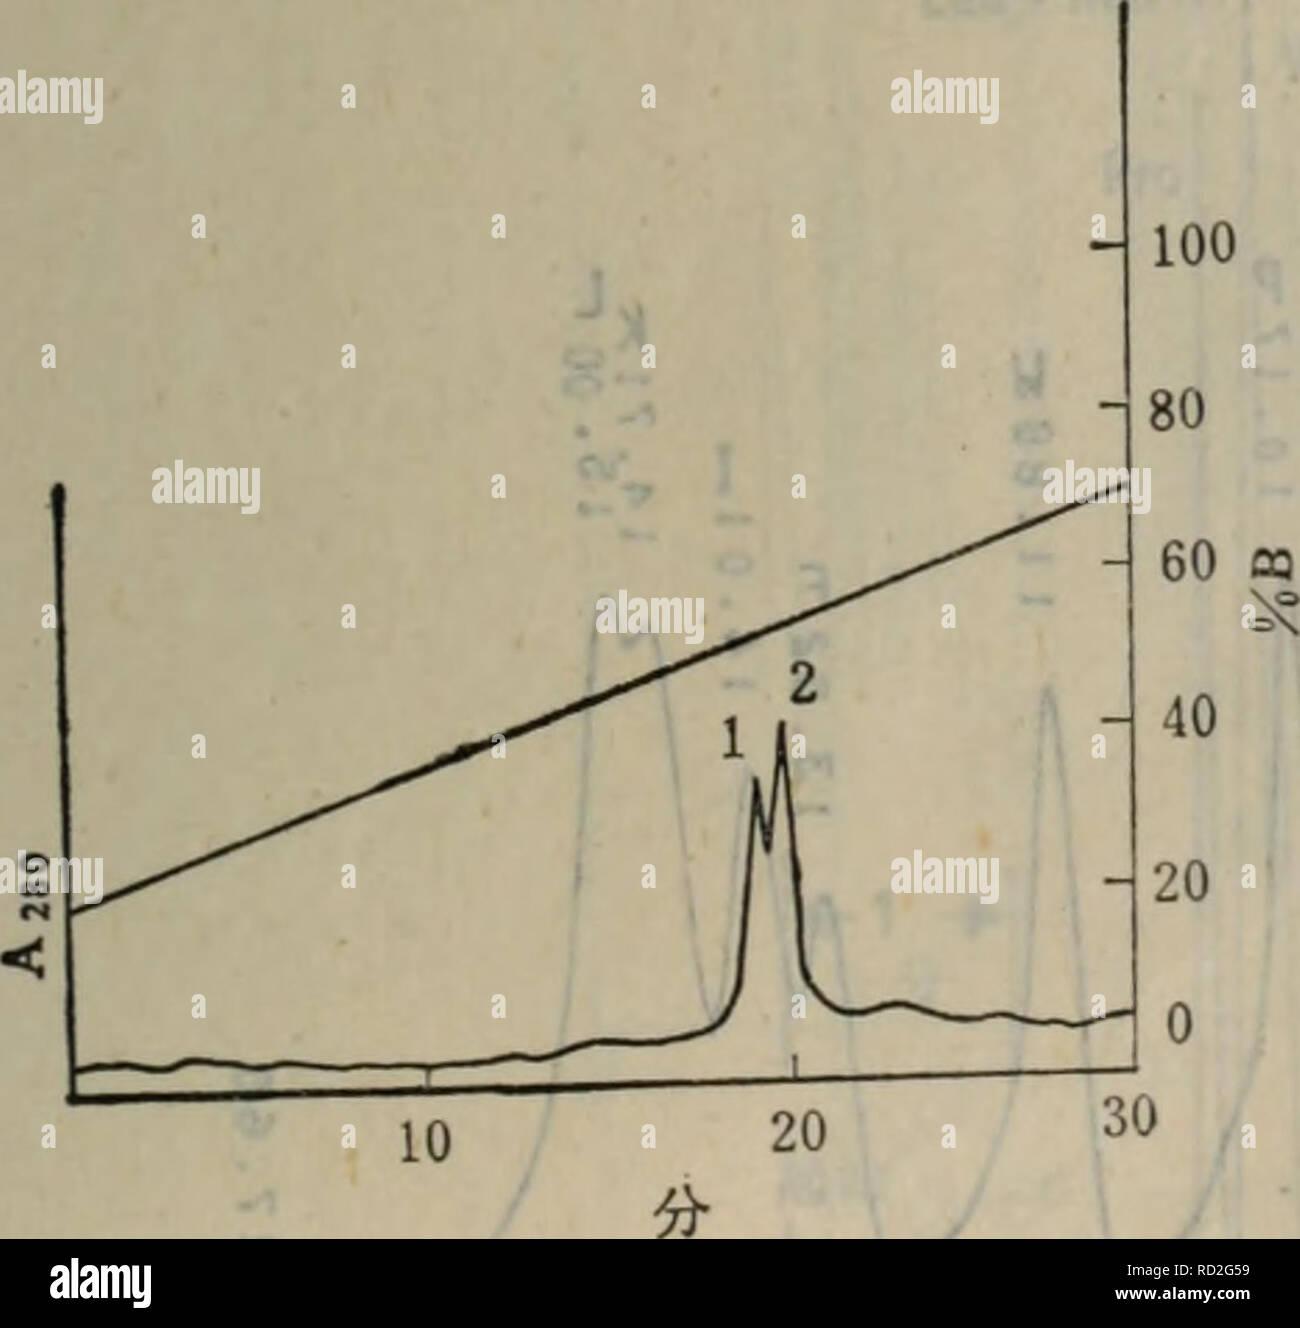 """. dan bai zhi shun xu fen xi ji shu. botany. æãèç½è´¨æ¯ç¨SDSåè¶çµæ³³é´å®ã ç»æè§å¾10-8ä¸è¡¨10-12ã ä¾6:天è±ç²èç½å¨Protein 1-125æ±ä¸å离ã2^0 æ ·åï¼å¤©è±ç²èç½10^*1è² ç´ ç²é ¸æº¶æ¶²ï¼å«é20pg/^) å¡«å æ±ï¼Protein 1-125æ± 7.6mm(ID) X 30cm 移å¨ç¸ï¼6mol/lè²ç´ ï¼0.2 mol/1ç²é ¸æº¶æ¶²ã çæµæ³¢é¿ï¼280rnn ç»æè§å¾10-9ã ä¾7:åç¸é«æ液ç¸è²è°± Xr^fl^^^ o å¾10_9天è±ç²èç½å¨Protein 1-125æ±ä¸å离 仪å¨ï¼Waterså ¬å¸äº§åï¼ ç±6000Aå溶åè¾åºç³»ç»ã660åæ´è±ç¨åºåUSK注å°å¨ç»æ,é æ440åç´«å¤å¸æ¶ æ£æµä»ªã420åè§å æ£æµä»ªåOmmiscribeåéè®°å½ä»ªï¼Houston Instrument)Â« è²è°±æ±ï¼Watersç产ç^* Bondapak C""""åç¸æ±,å å¾3.9inmï¼é¿30cm - Stock Image"""